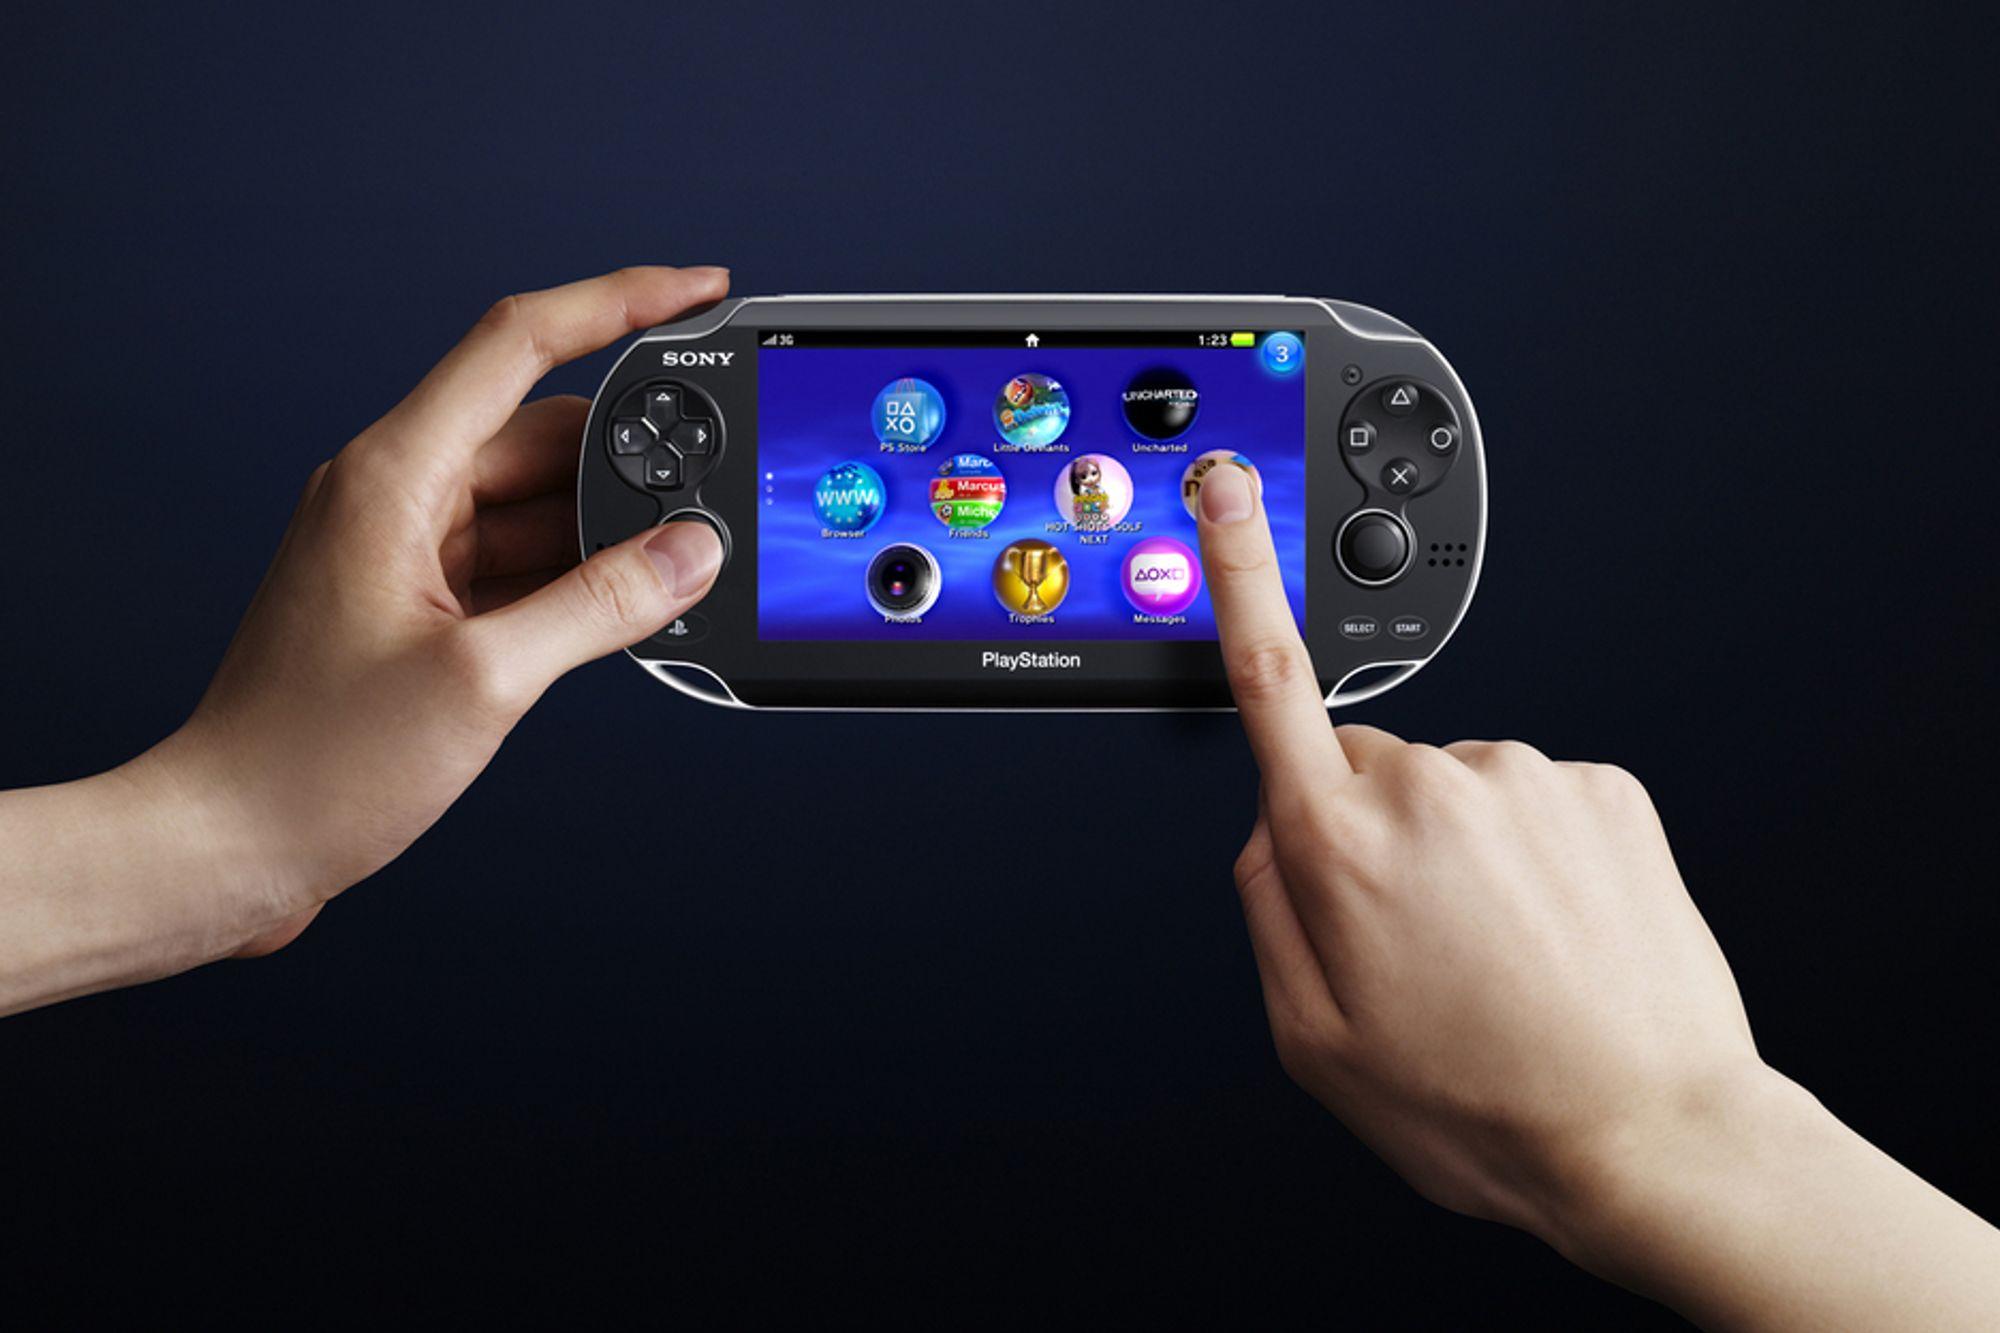 Next Generation Portable er det foreløpige navnet på Sonys nye bærbare konsoll.